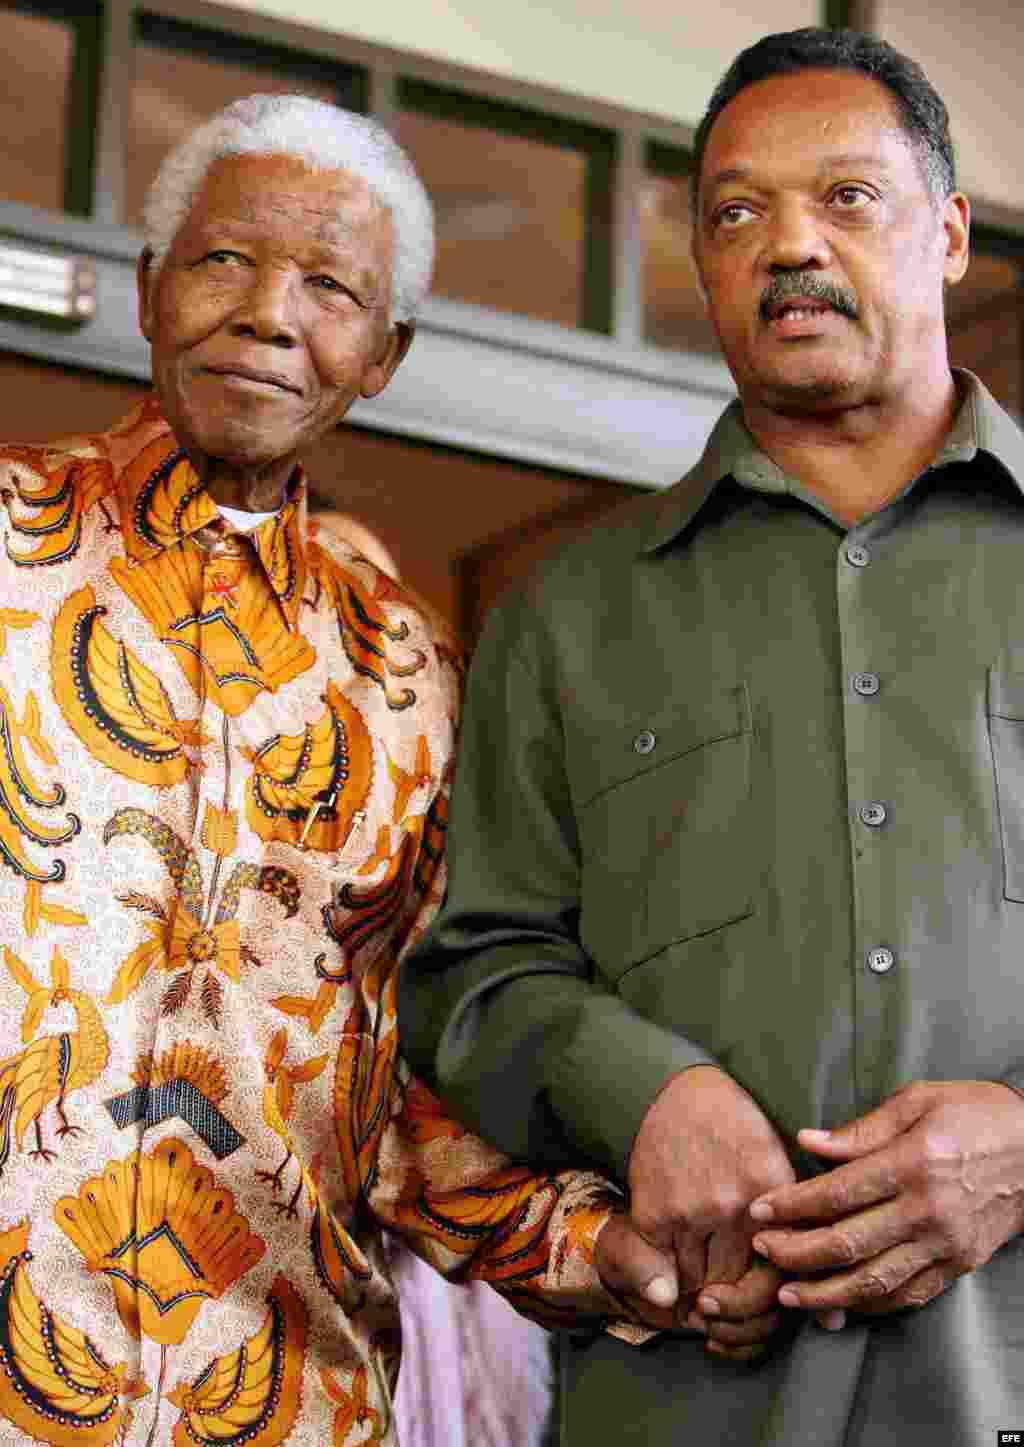 Nelson Mandela (i) junto al activista estadounidense Jesse Jackson (d), durante una reunión en Johannesurgo (Sudáfrica). Fotografía de archivo del 26 de octubre de 2005 del Premio Nobel de Paz sudafricano.